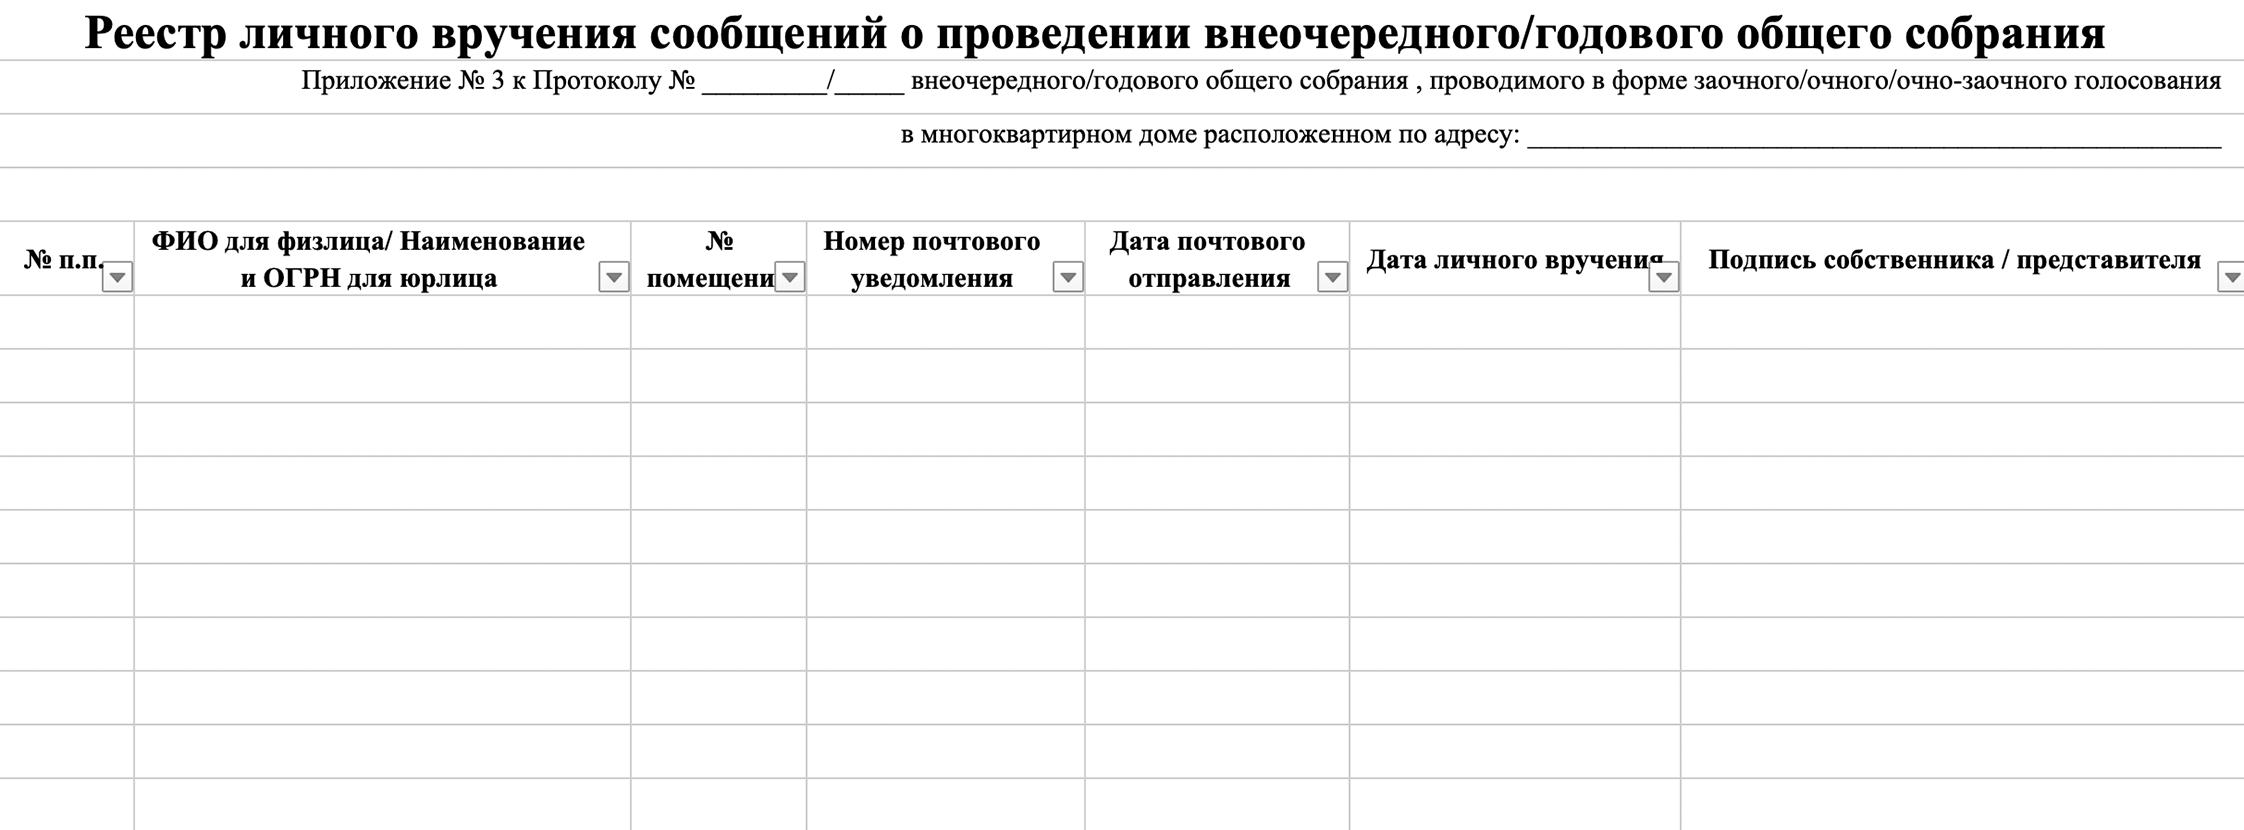 Название документа и первая строка таблицы должны быть напечатаны на каждом листе реестра личного вручения сообщений